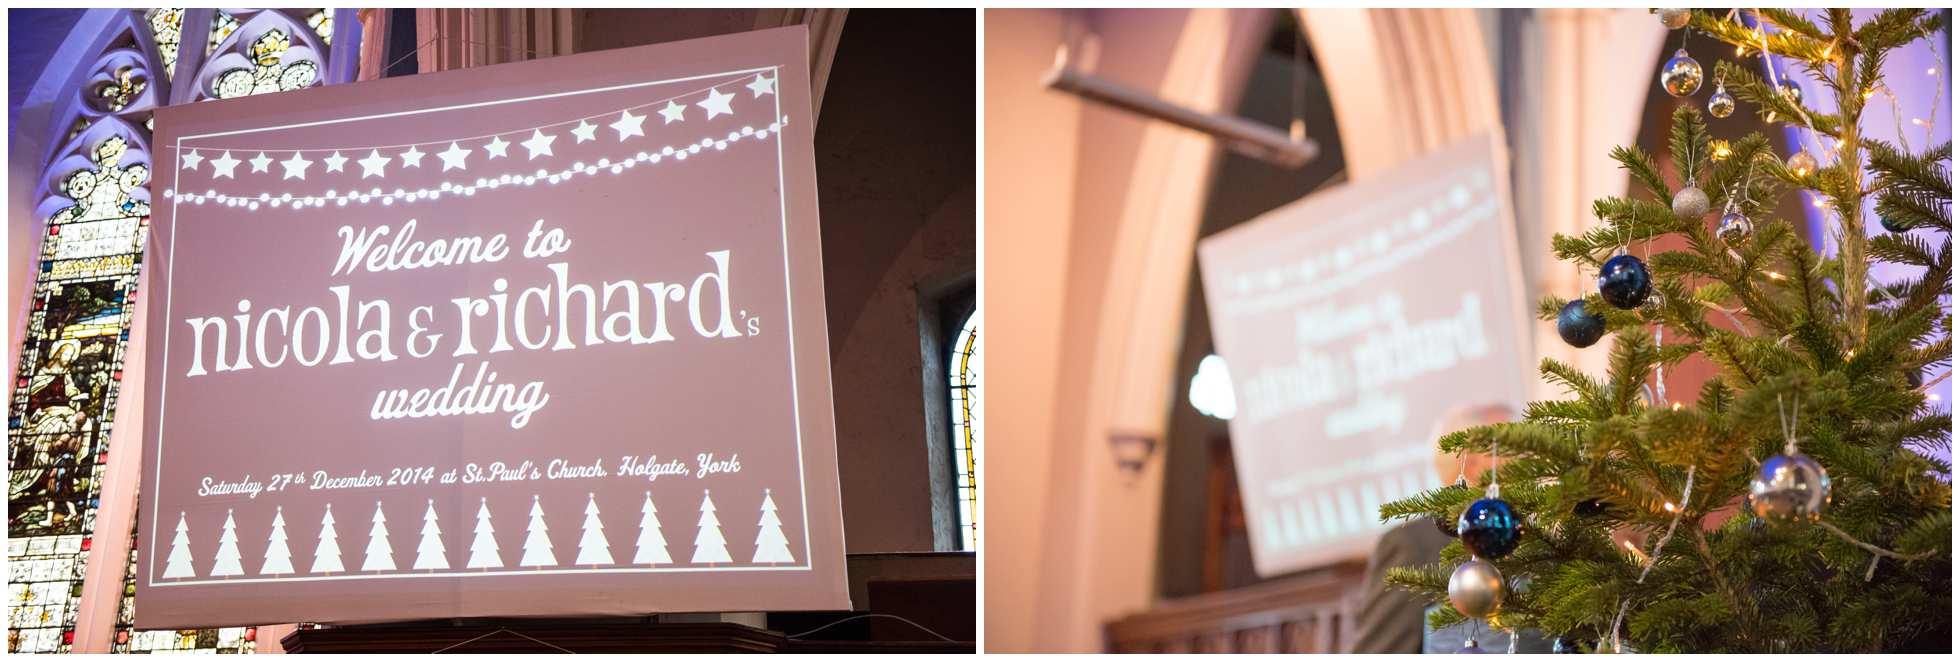 A christmas wedding St Paul's Church York